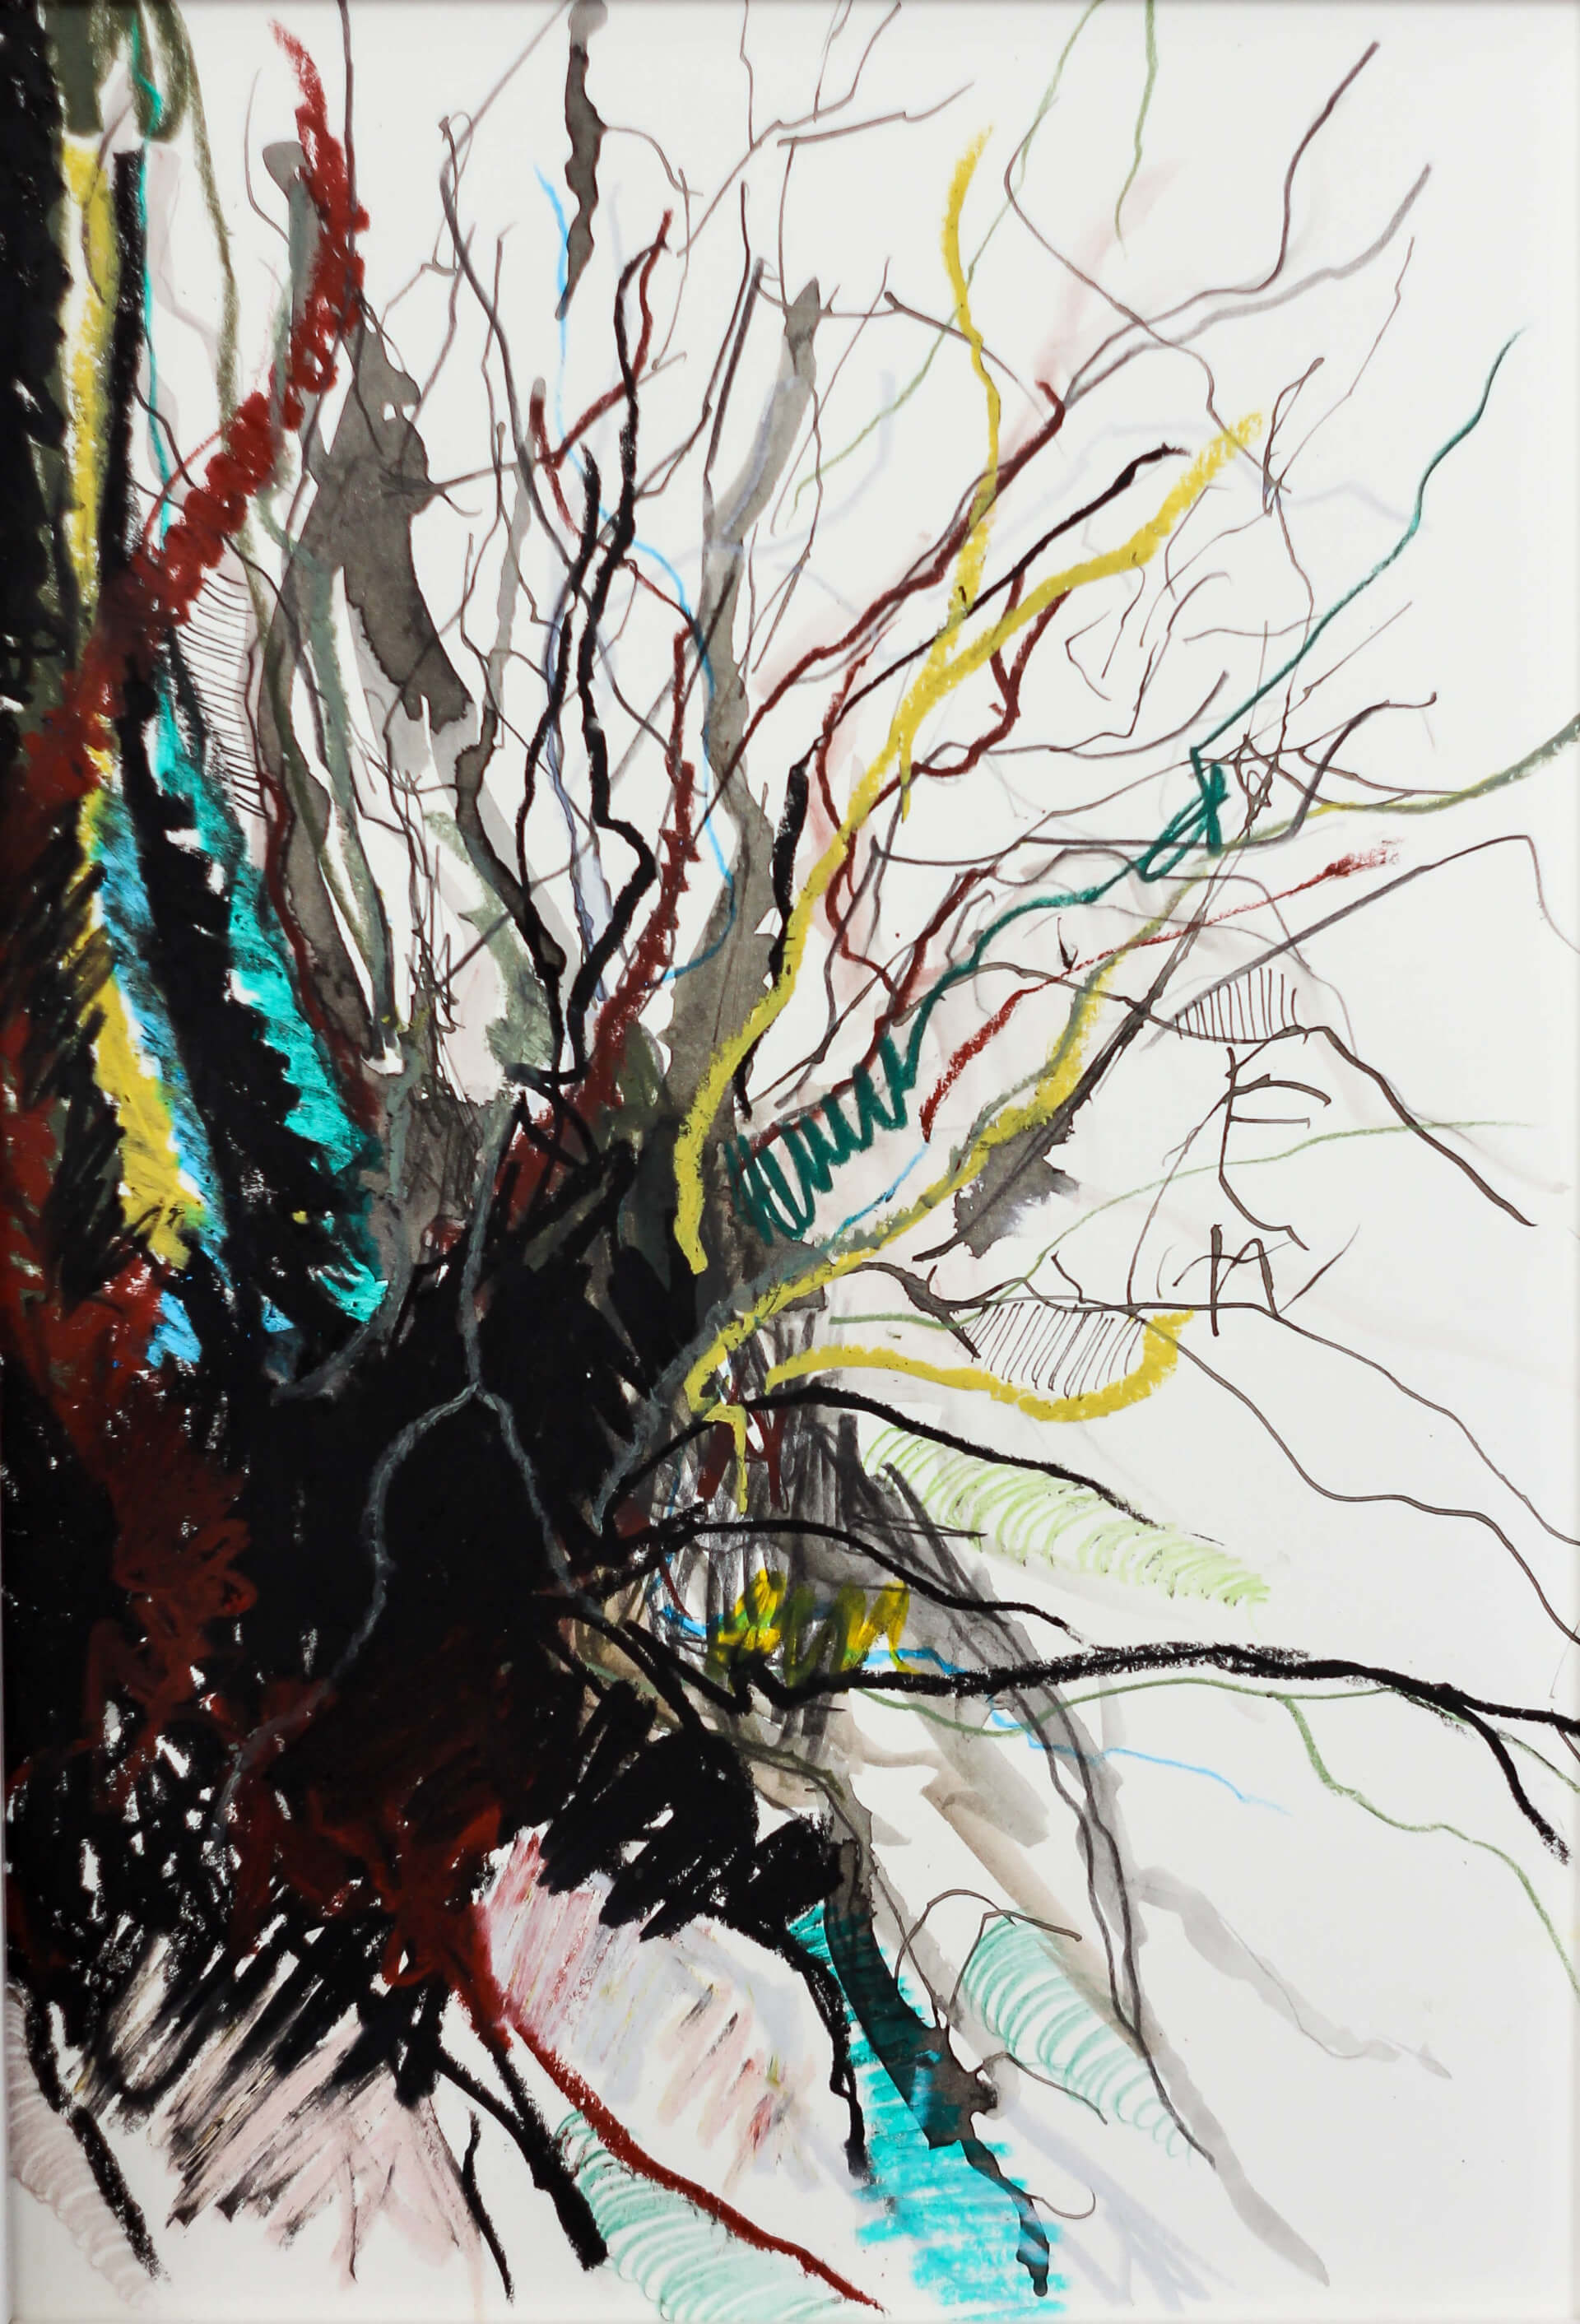 Katharina Albers, Wald VII, 2014, Ölkreide, Tusche, Aquarell, Graphit auf Papier, 29,7×21 cm